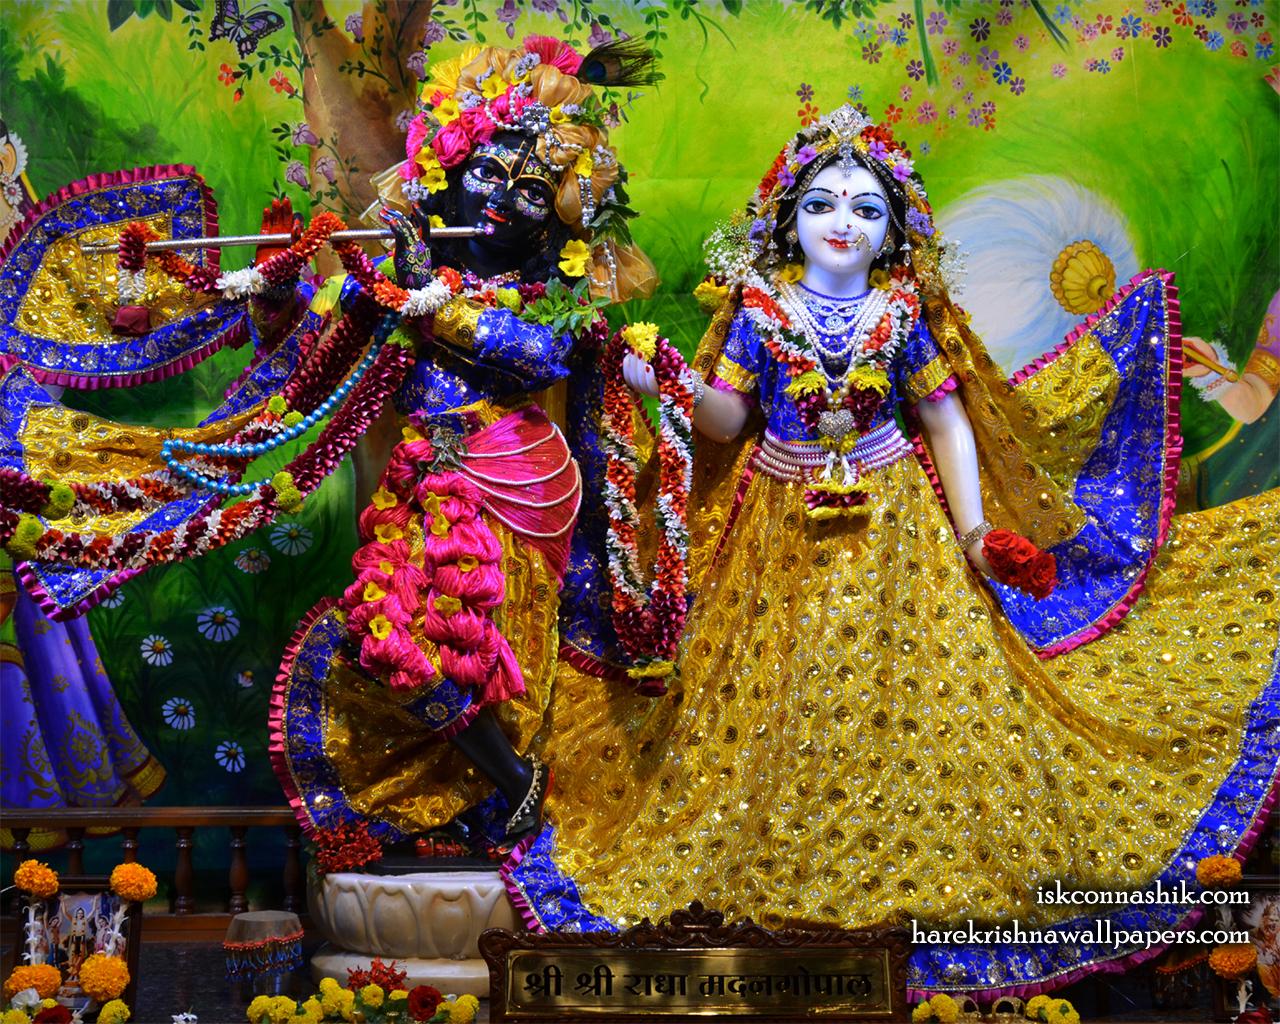 Sri Sri Radha Madan Gopal Wallpaper (018) Size 1280x1024 Download